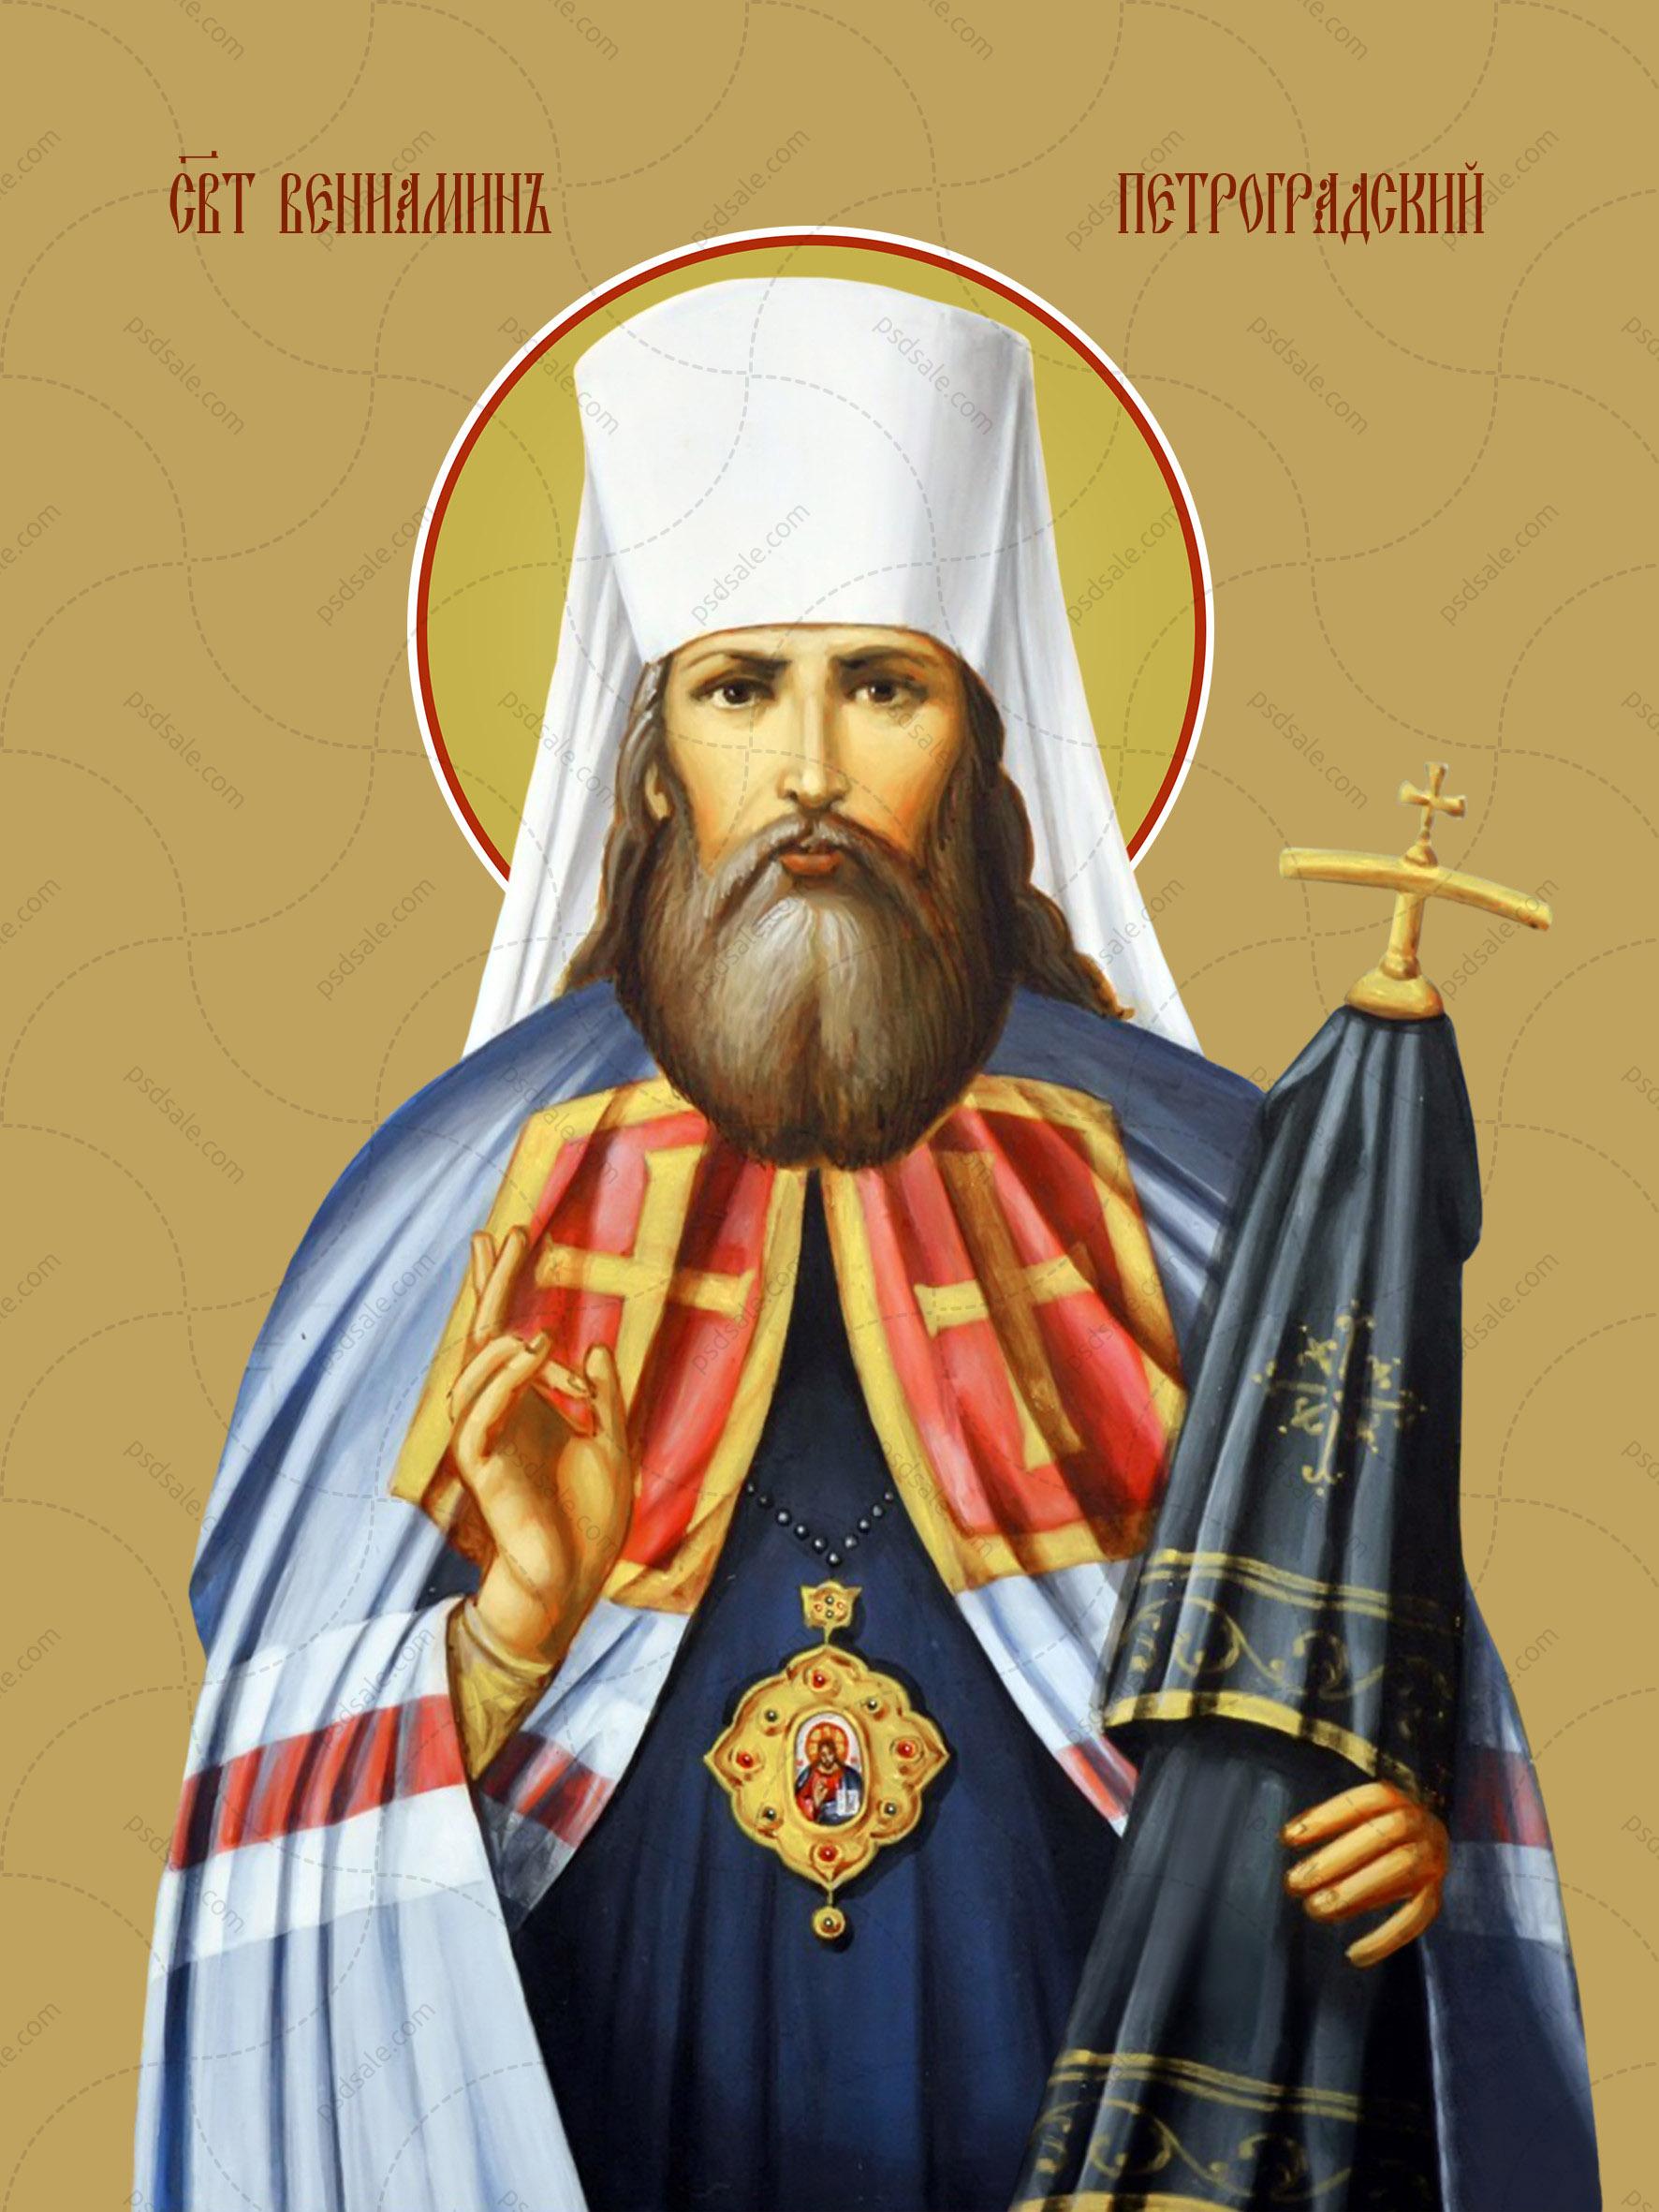 Вениамин Митрополит Петроградский